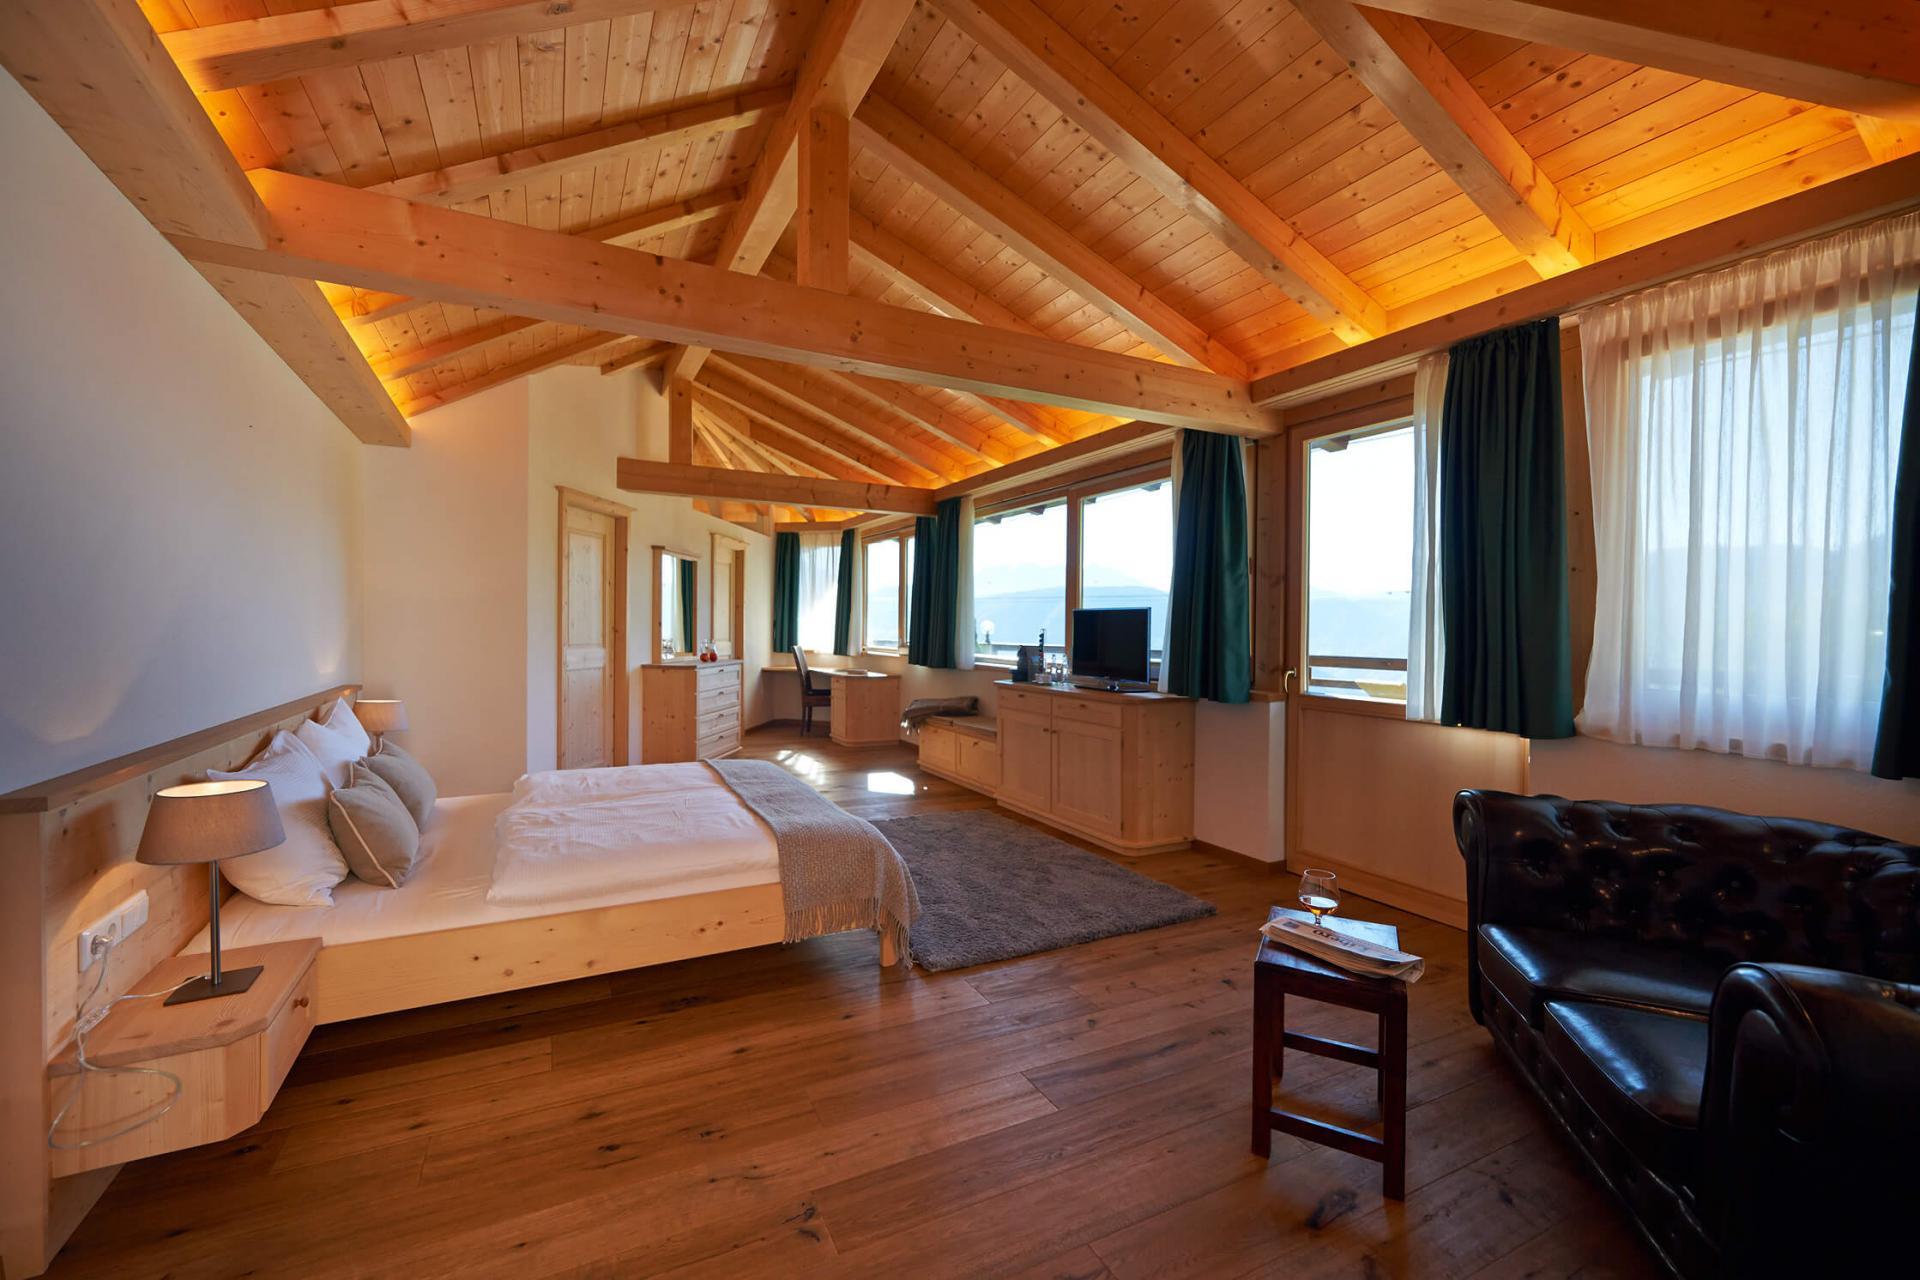 Cucine Per Chalet Di Montagna suite baita | camera con jacuzzi | chalet alpino